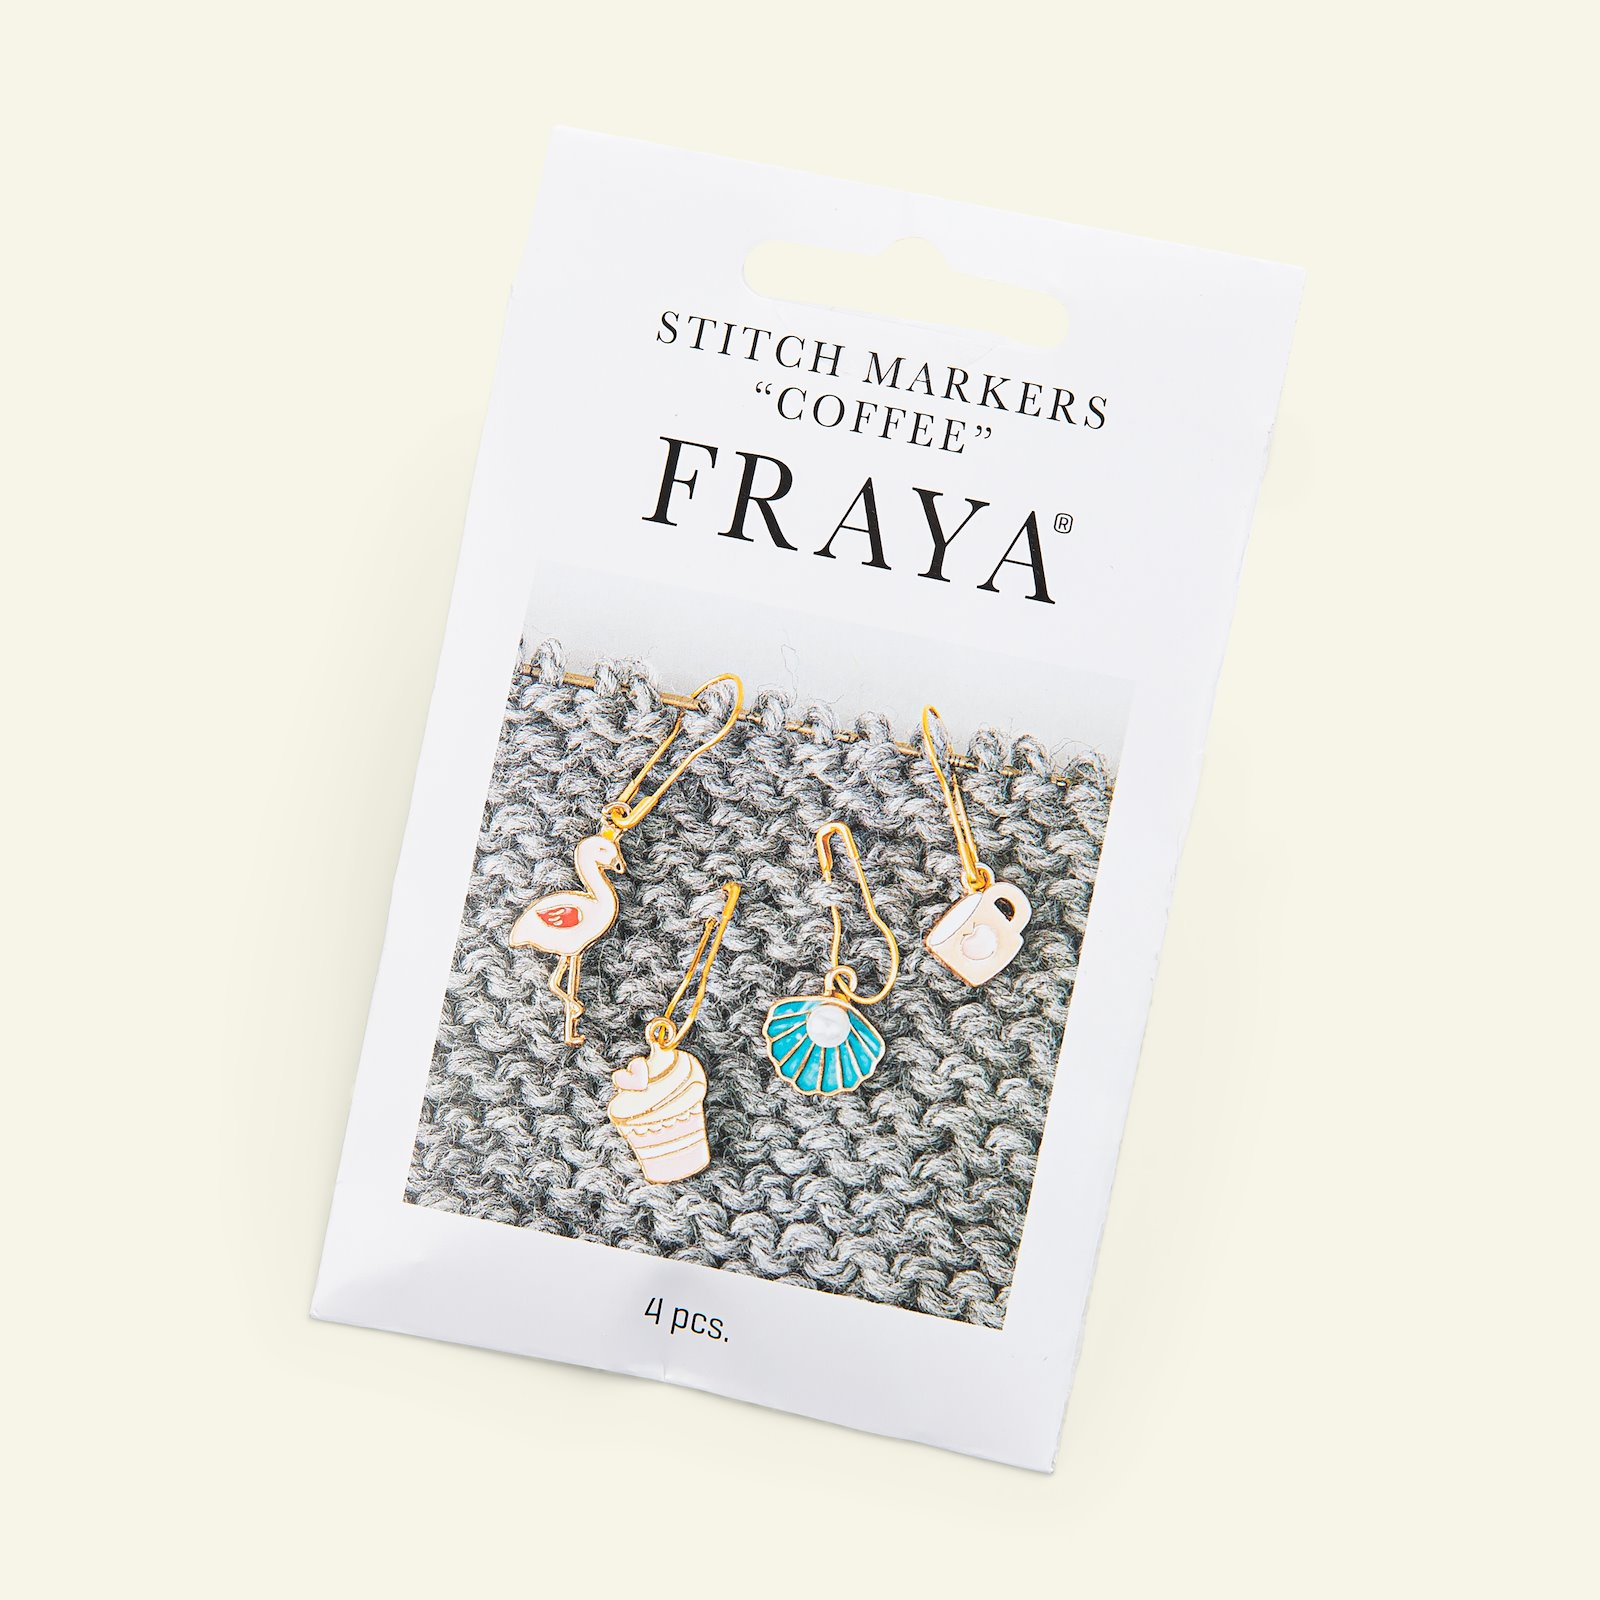 """FRAYA Stitch markers """"Coffee"""" 4pcs 83303_pack_b"""